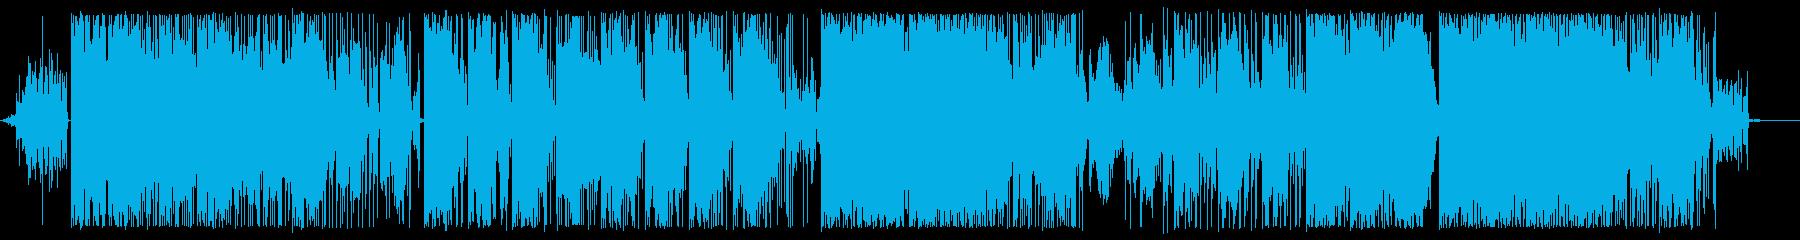 北欧/幻想的/鉄琴/エレクトロニカの再生済みの波形